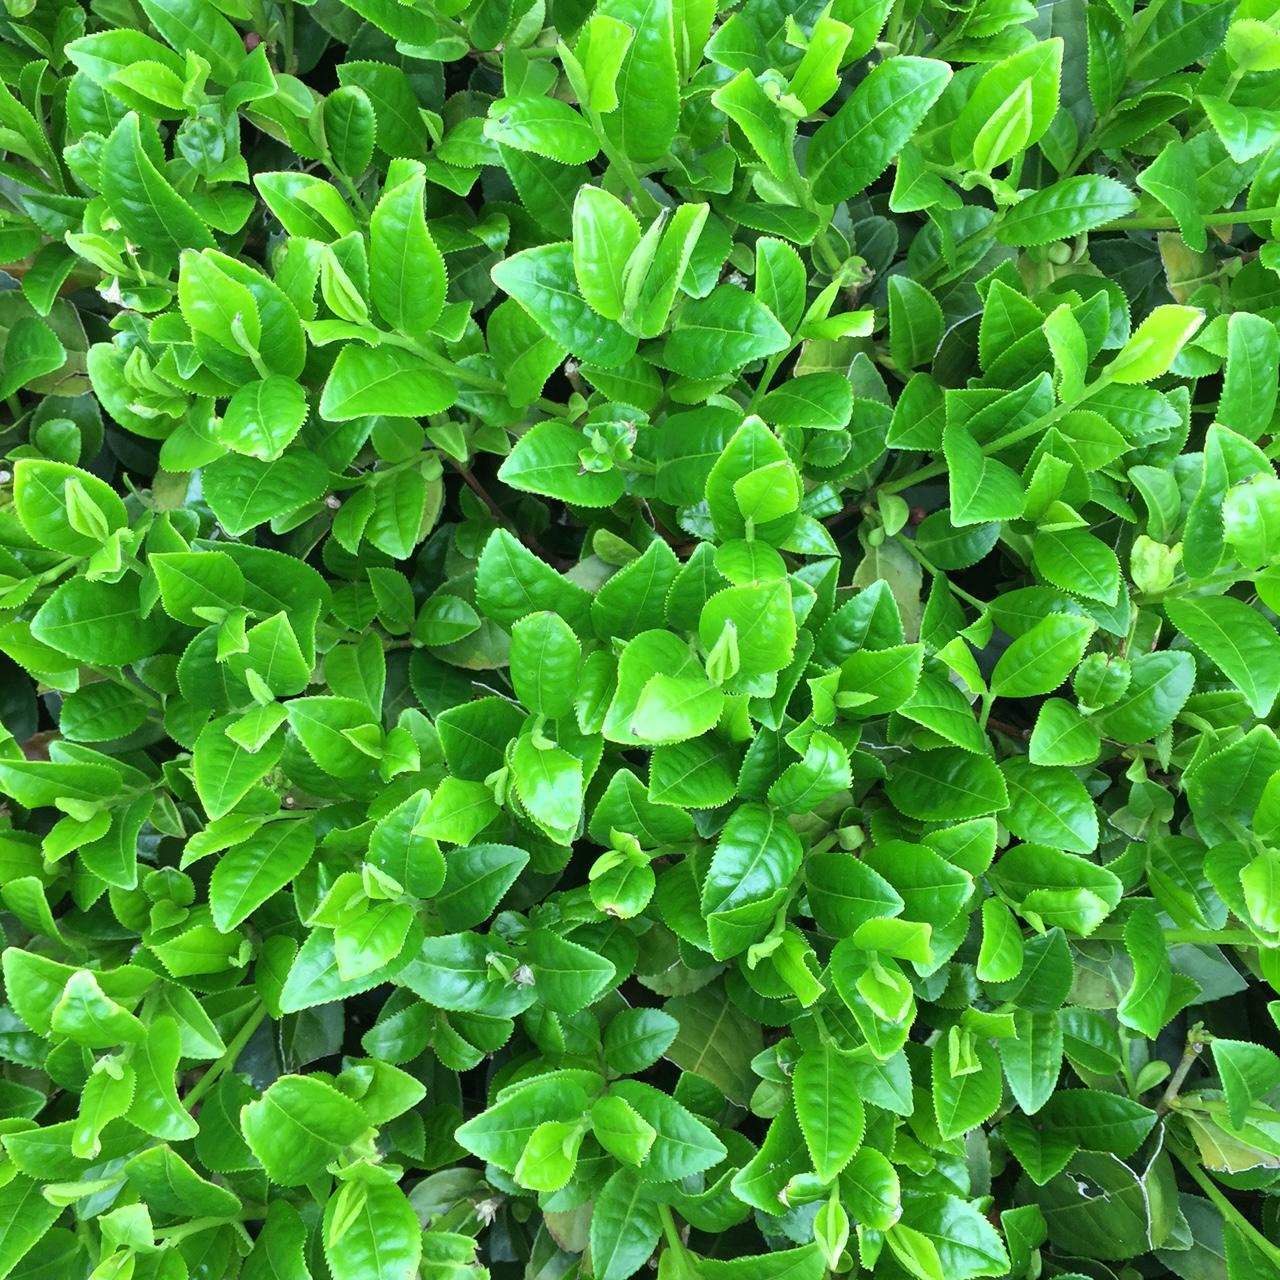 2017年4月20日かごしま緑茶の茶園風景です。早生品種ゆたかみどりです。緑が濃くなってきました!。